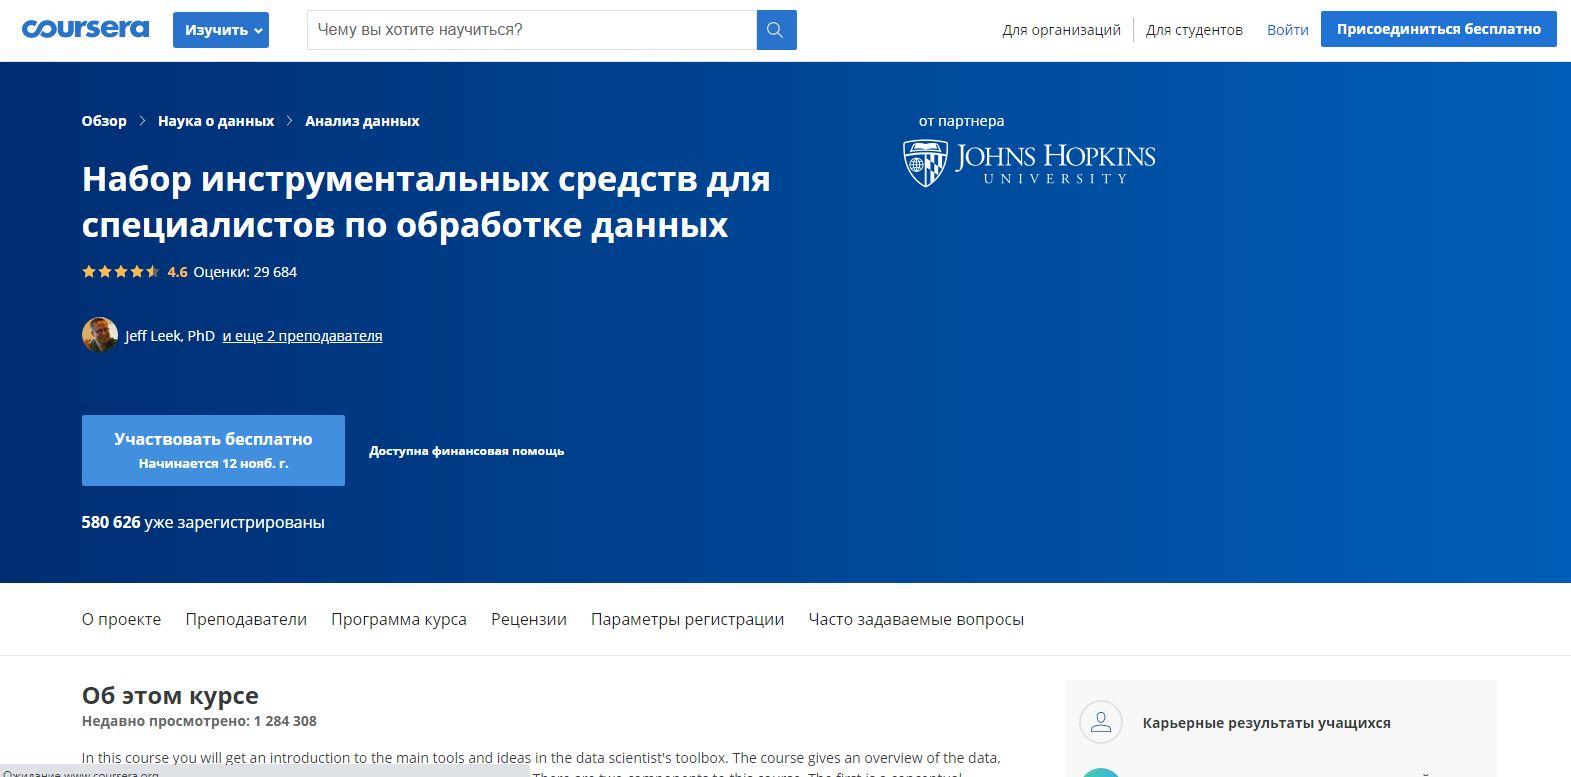 Обзор бесплатных онлайн-курсов Coursera полностью на русском языке или с русскими субтитрами